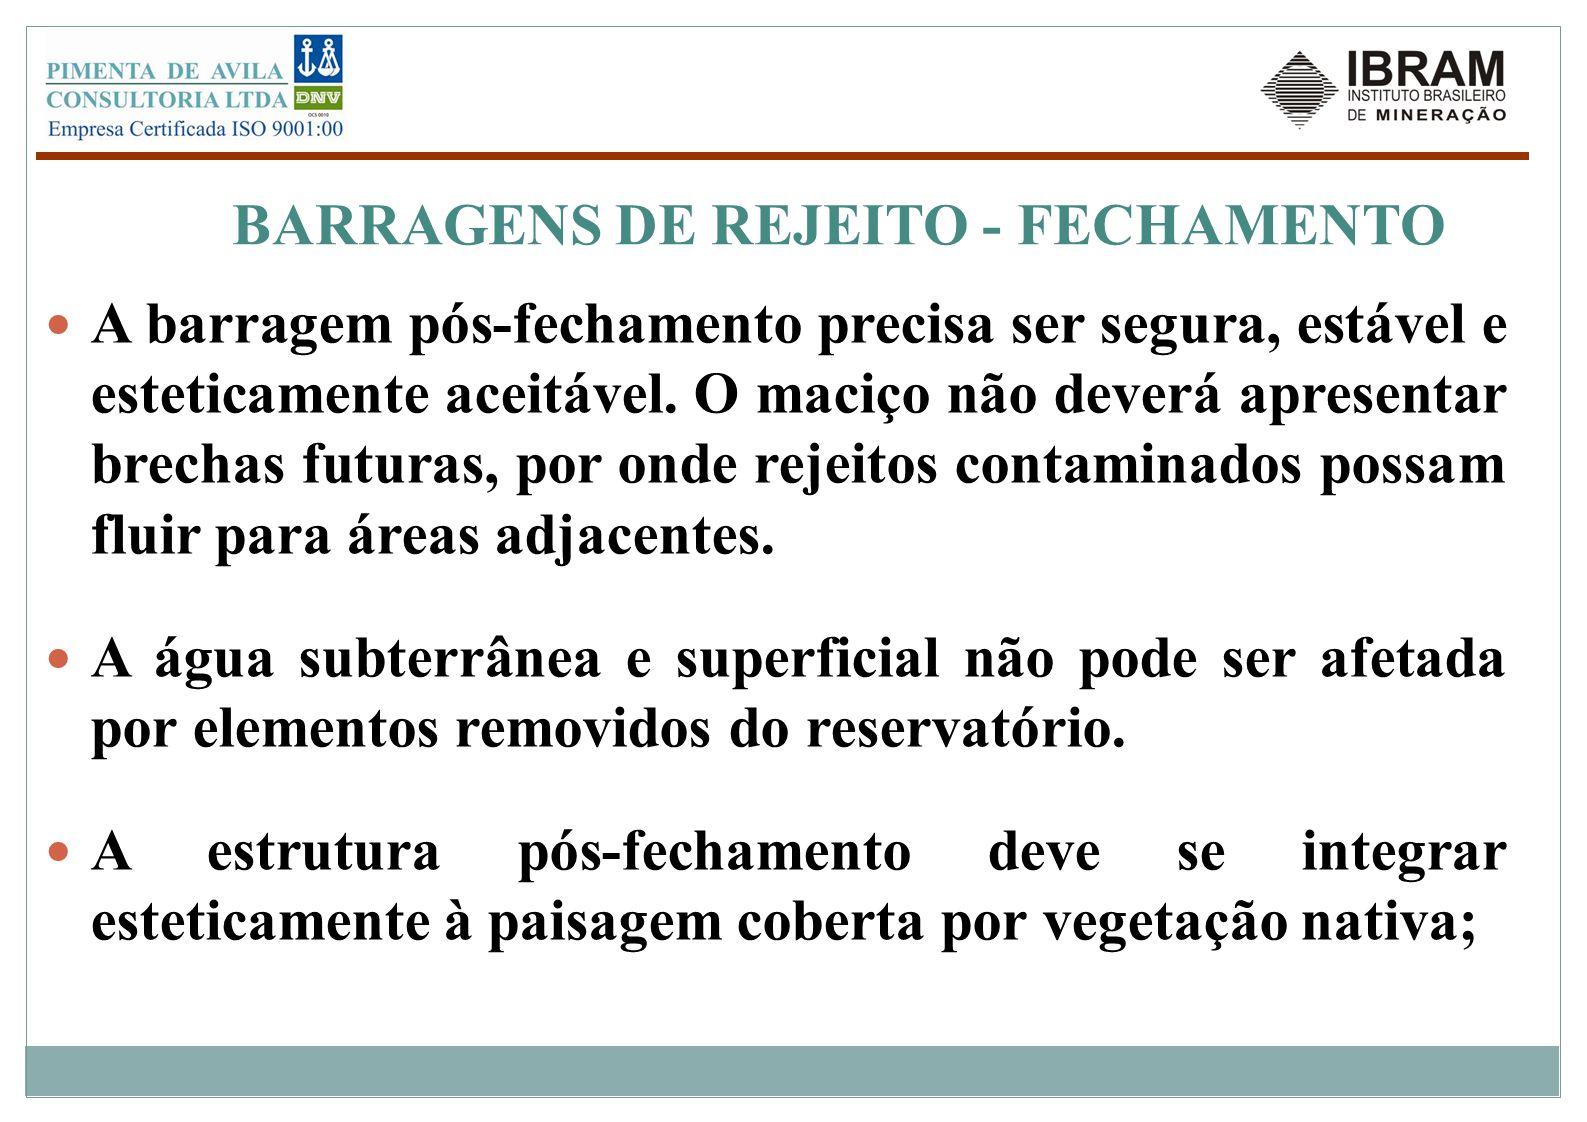 BARRAGENS DE REJEITO - FECHAMENTO A barragem pós-fechamento precisa ser segura, estável e esteticamente aceitável. O maciço não deverá apresentar brec